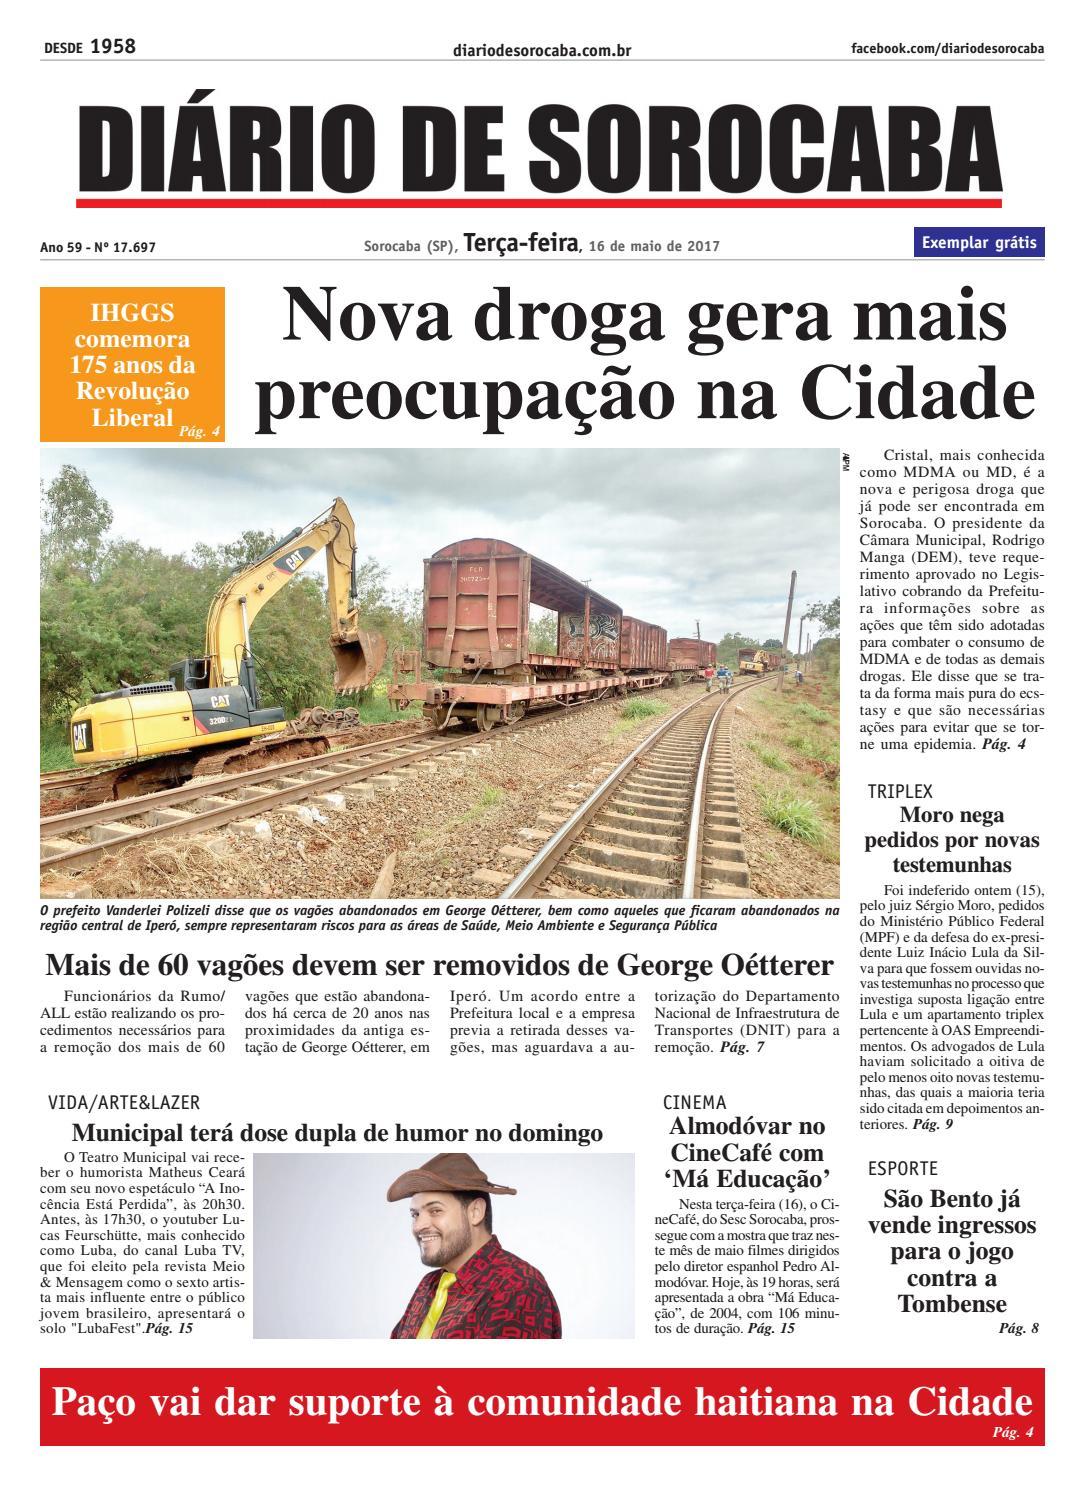 Edição 16 de maio de 2017 by DIÁRIO DE SOROCABA - issuu 663188c647703